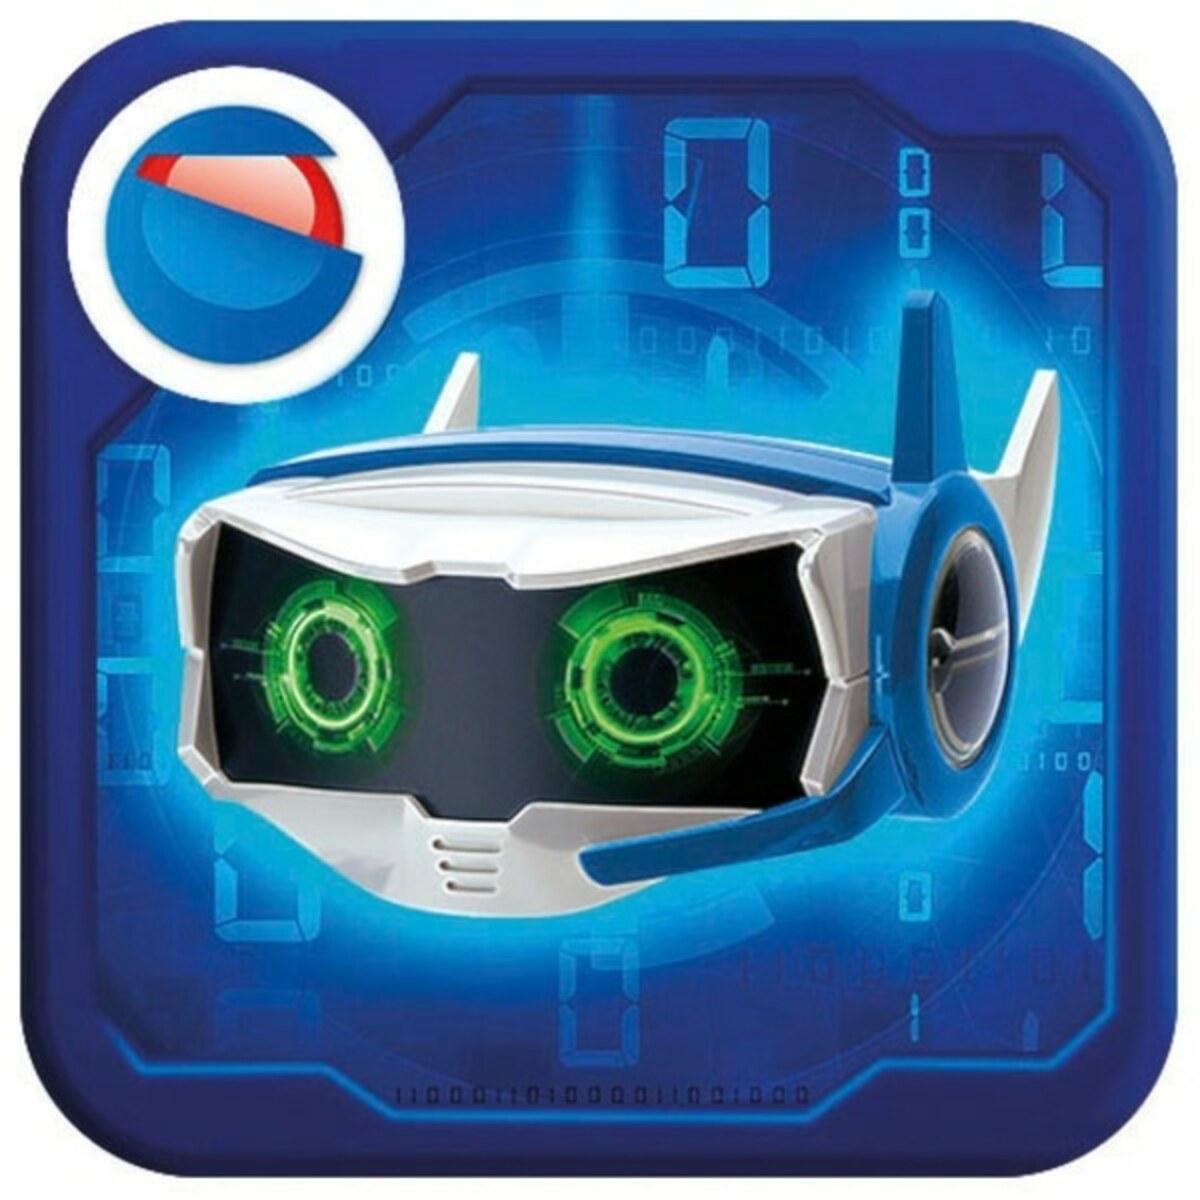 Bild 3 von Galileo - Cyber Talk Roboter